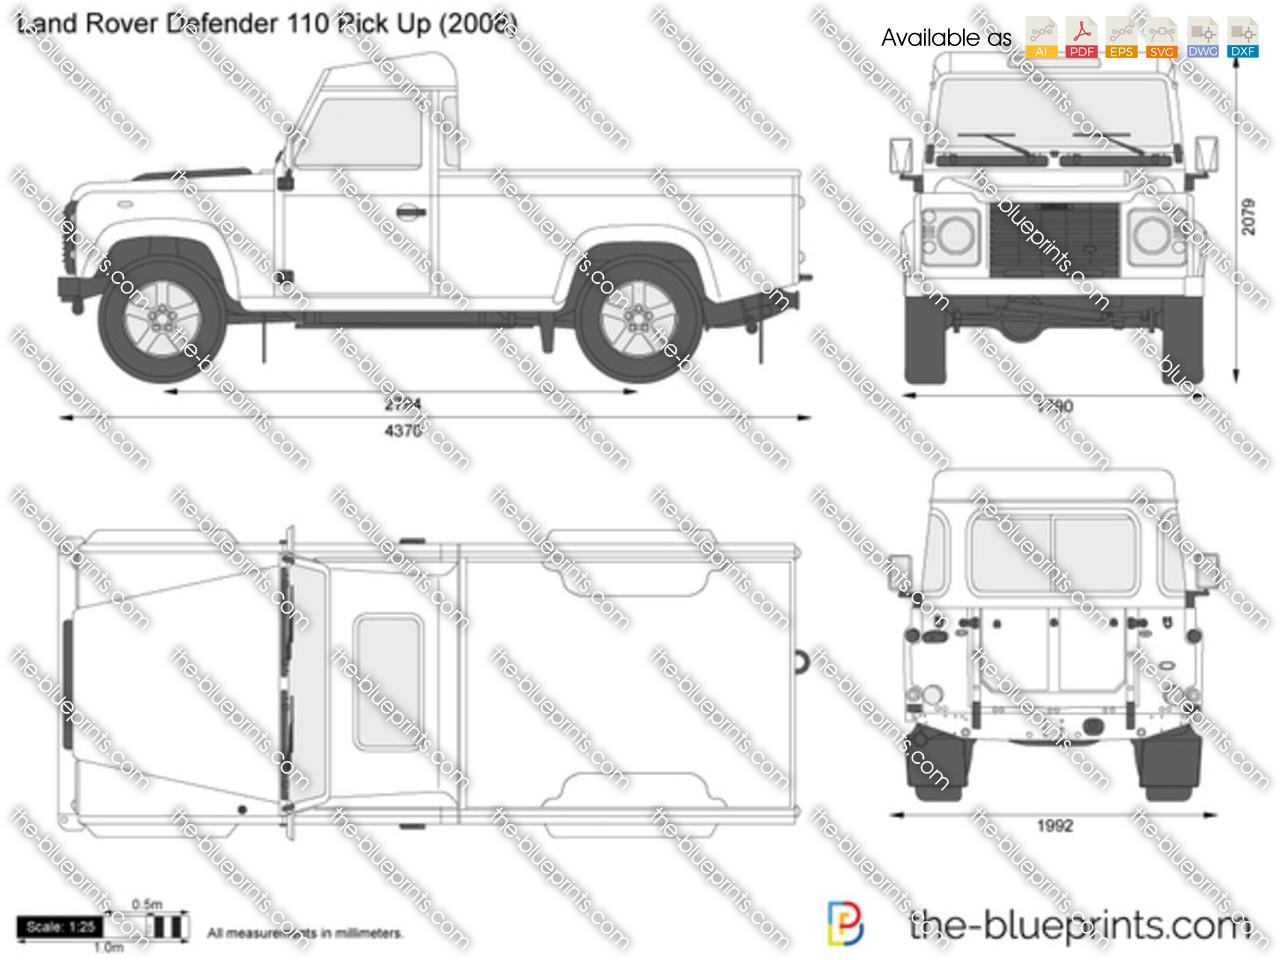 Land Rover Defender 110 Pick Up 2013